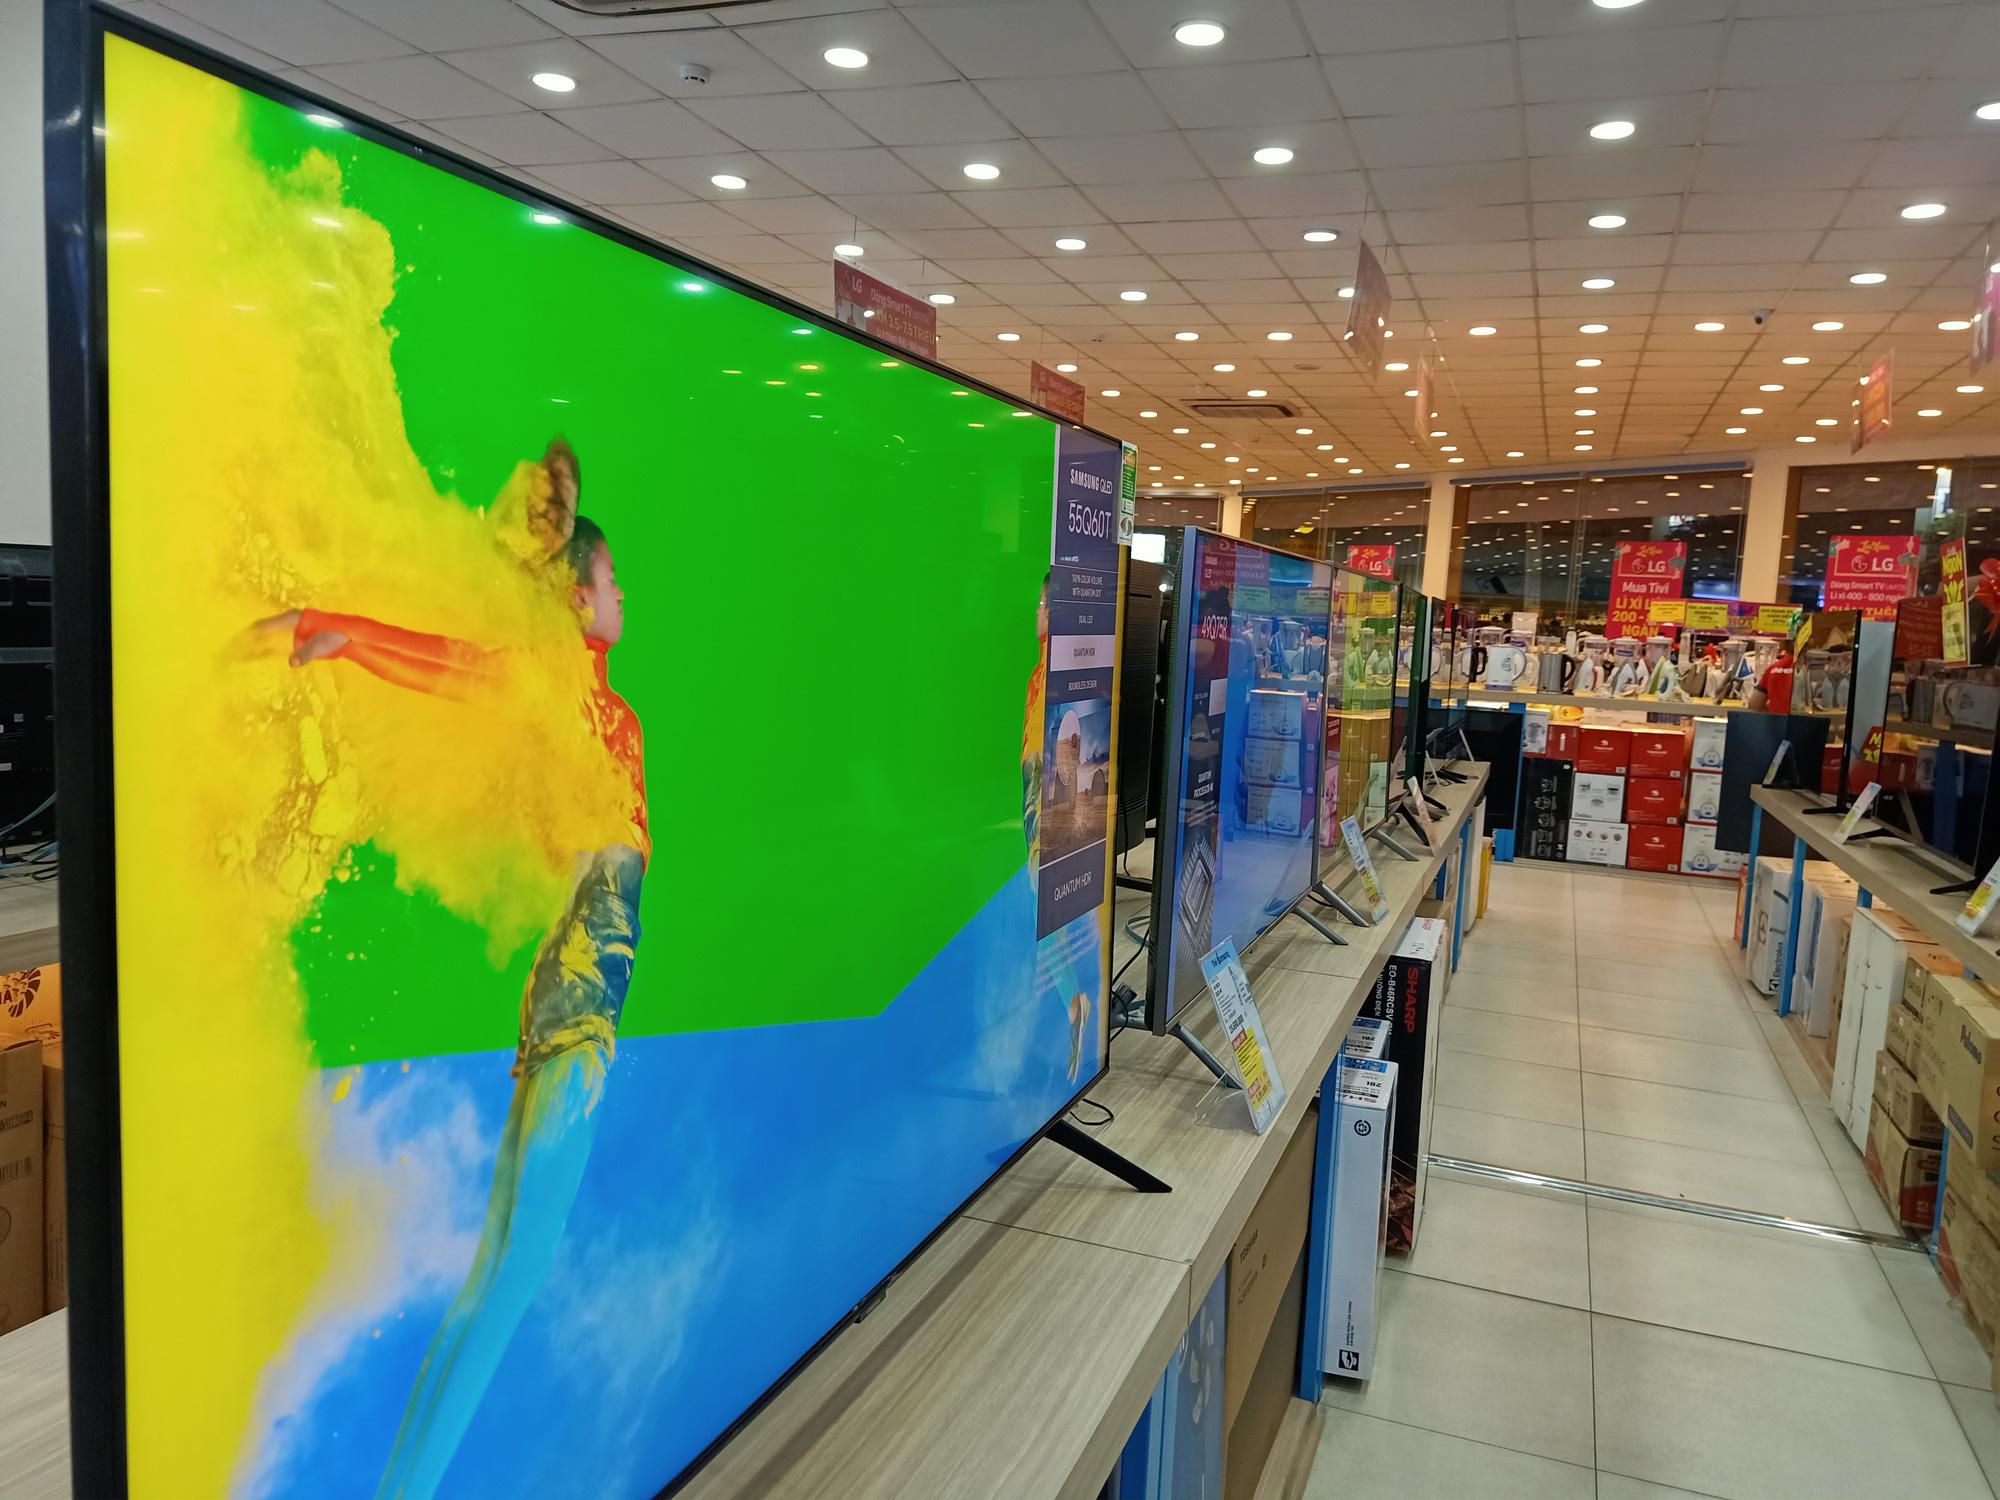 Nhiều tivi giảm giá kích cầu mua sắm để phục vụ cho nhu cầu giải trí tại gia - Ảnh 2.